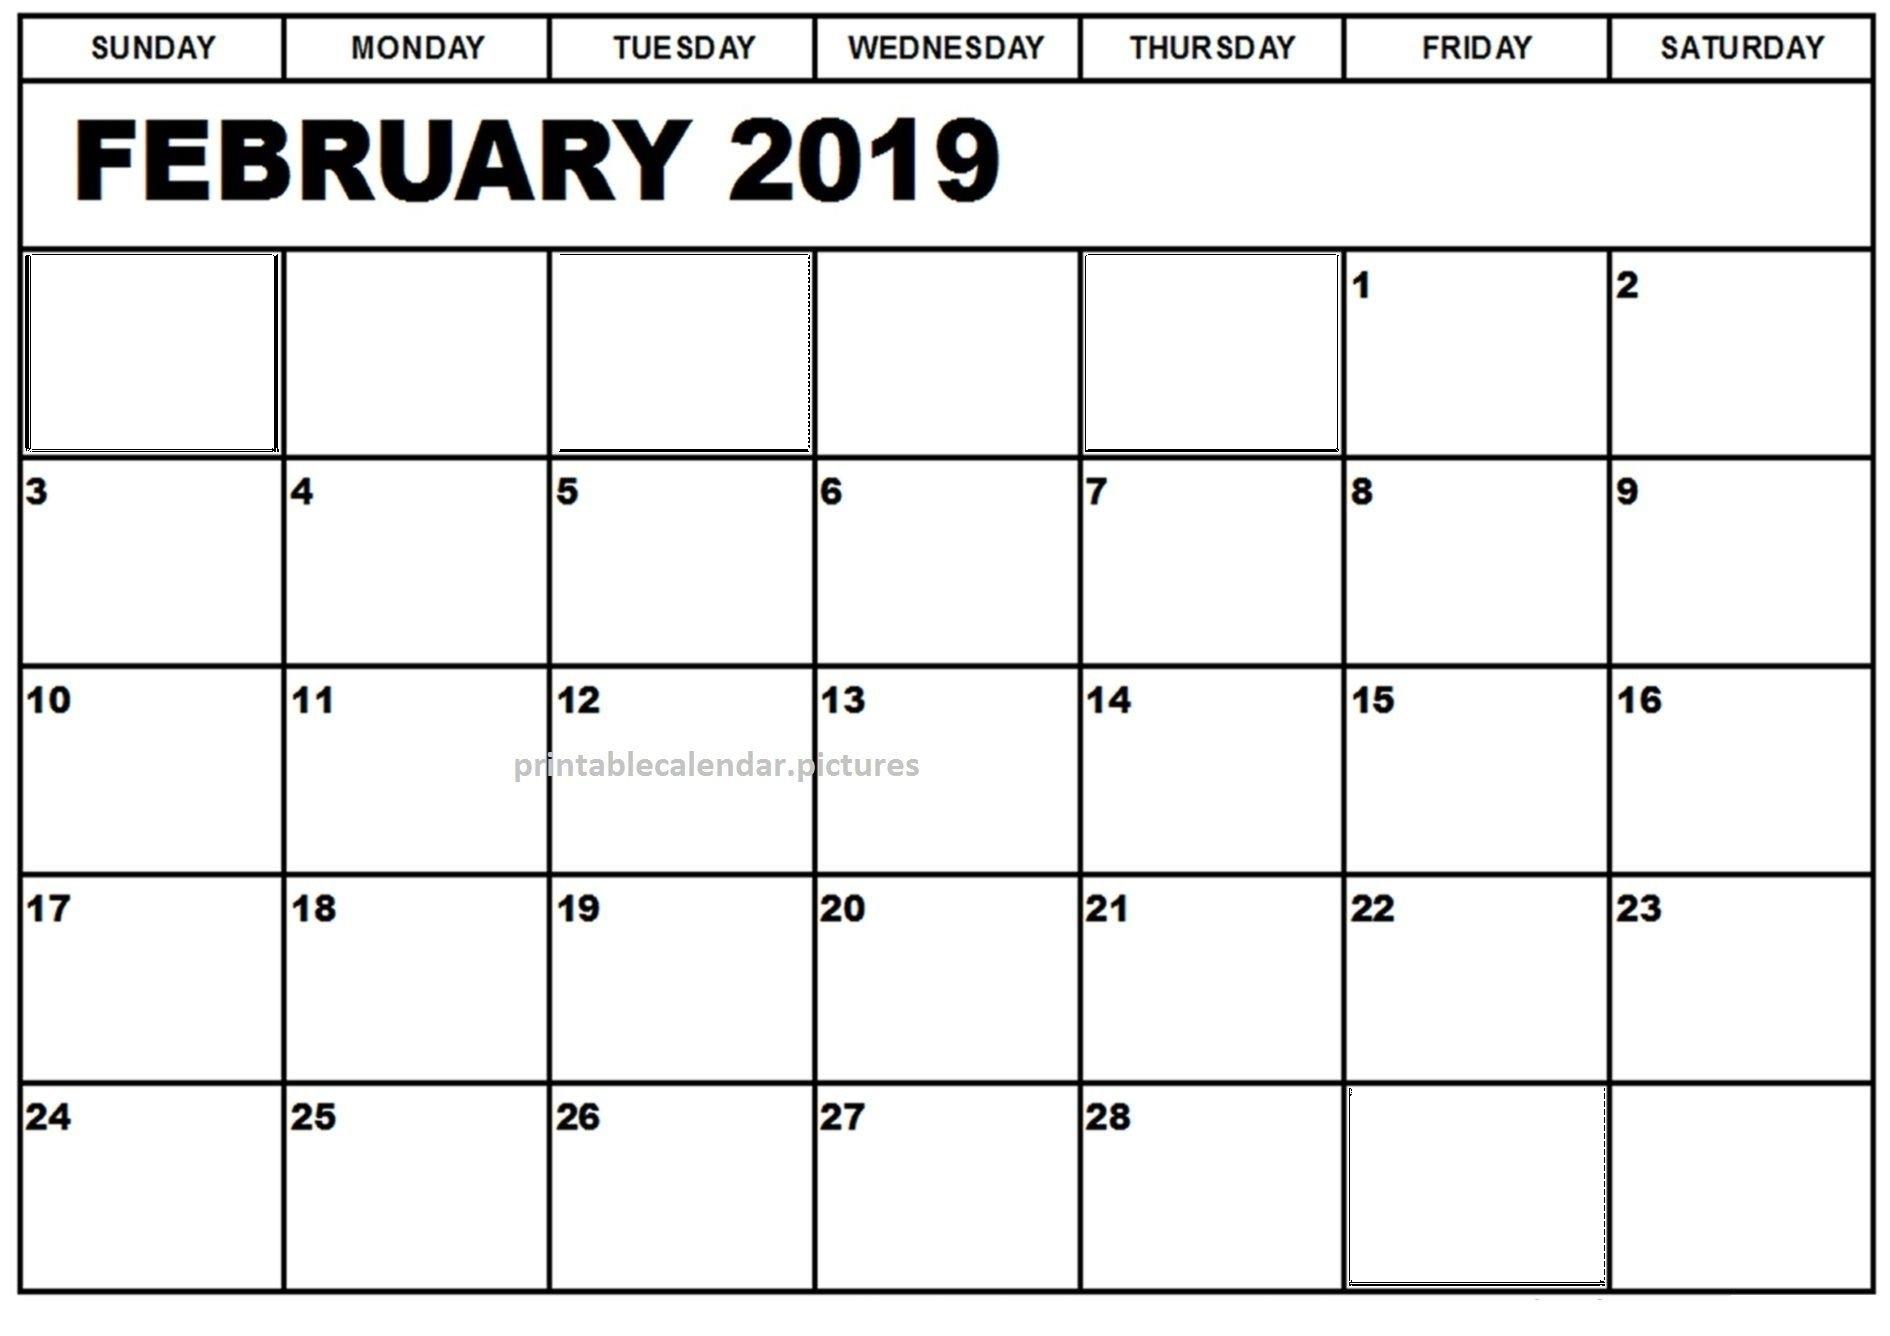 Calendar 2019 February Printable | Calendar Of February 2019 Calendar 2019 February Printable